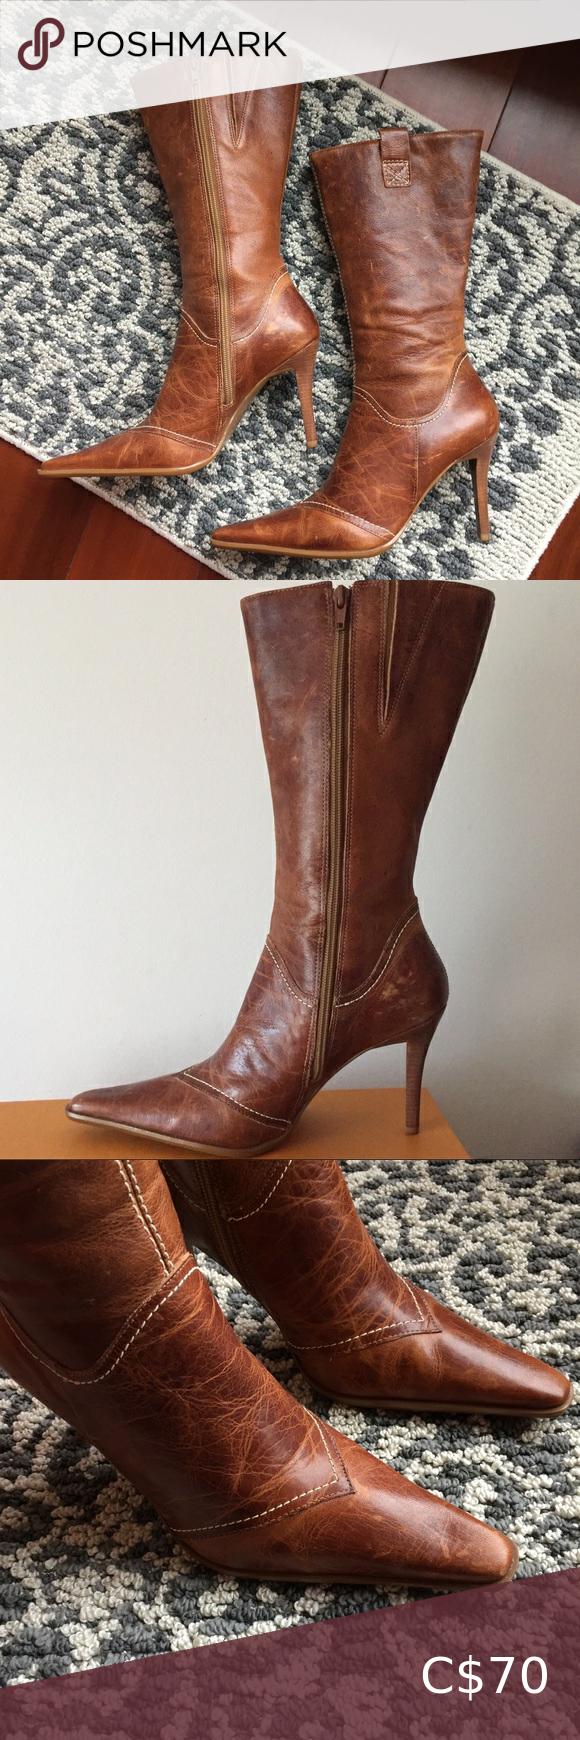 Aldo Vintage Aged Leather heeled Mid